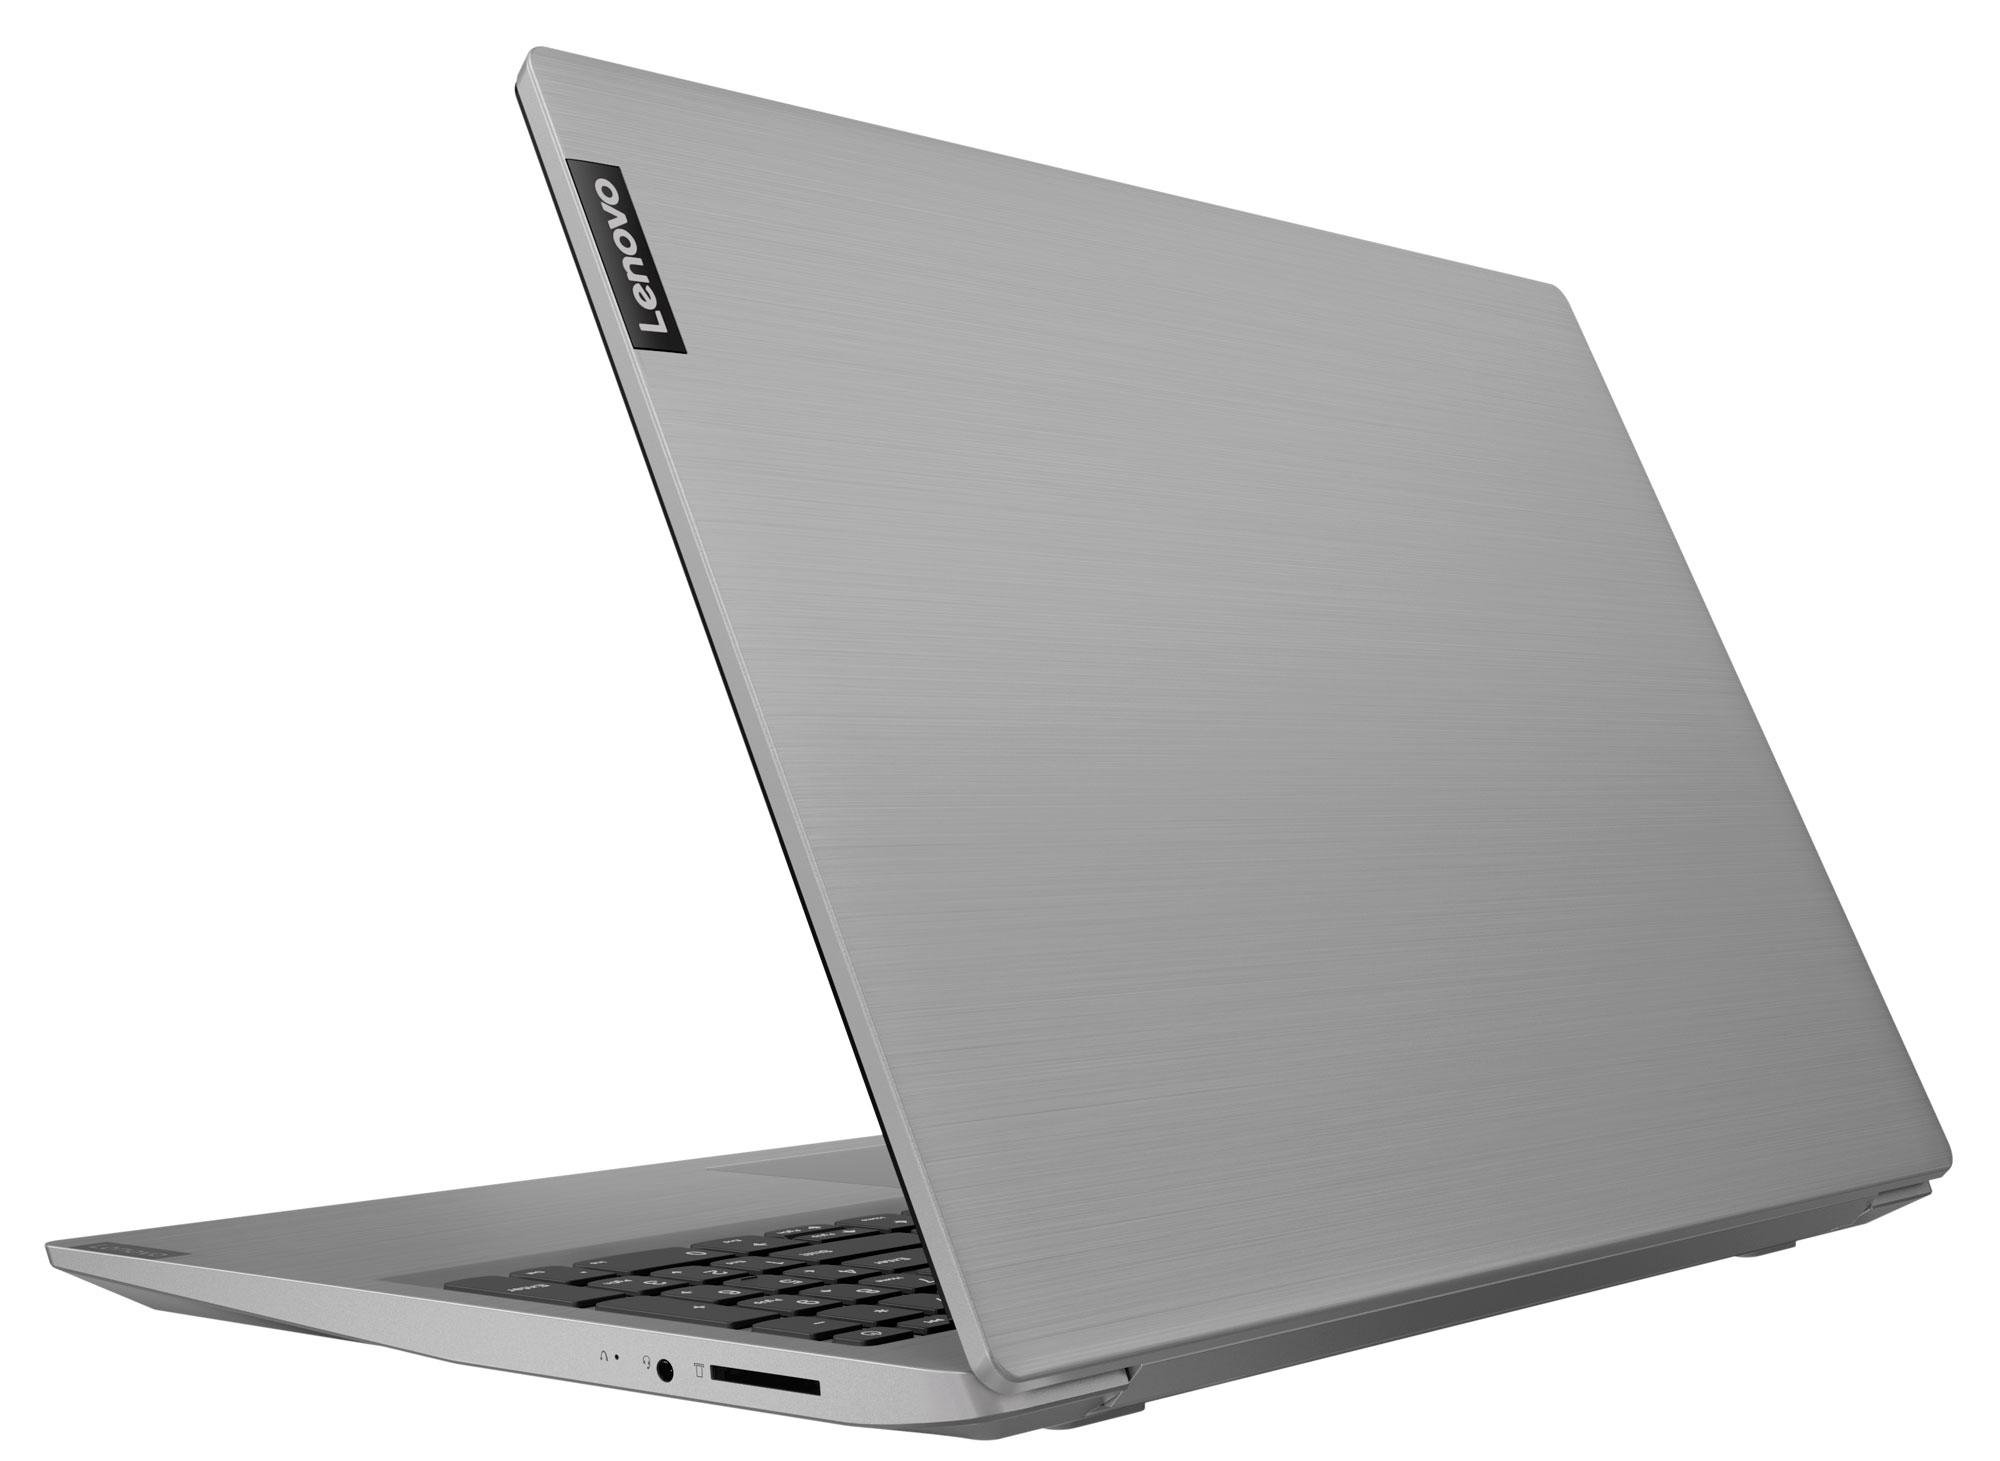 Фото  Ноутбук Lenovo ideapad S145-15IWL Grey (81MV01BERE)